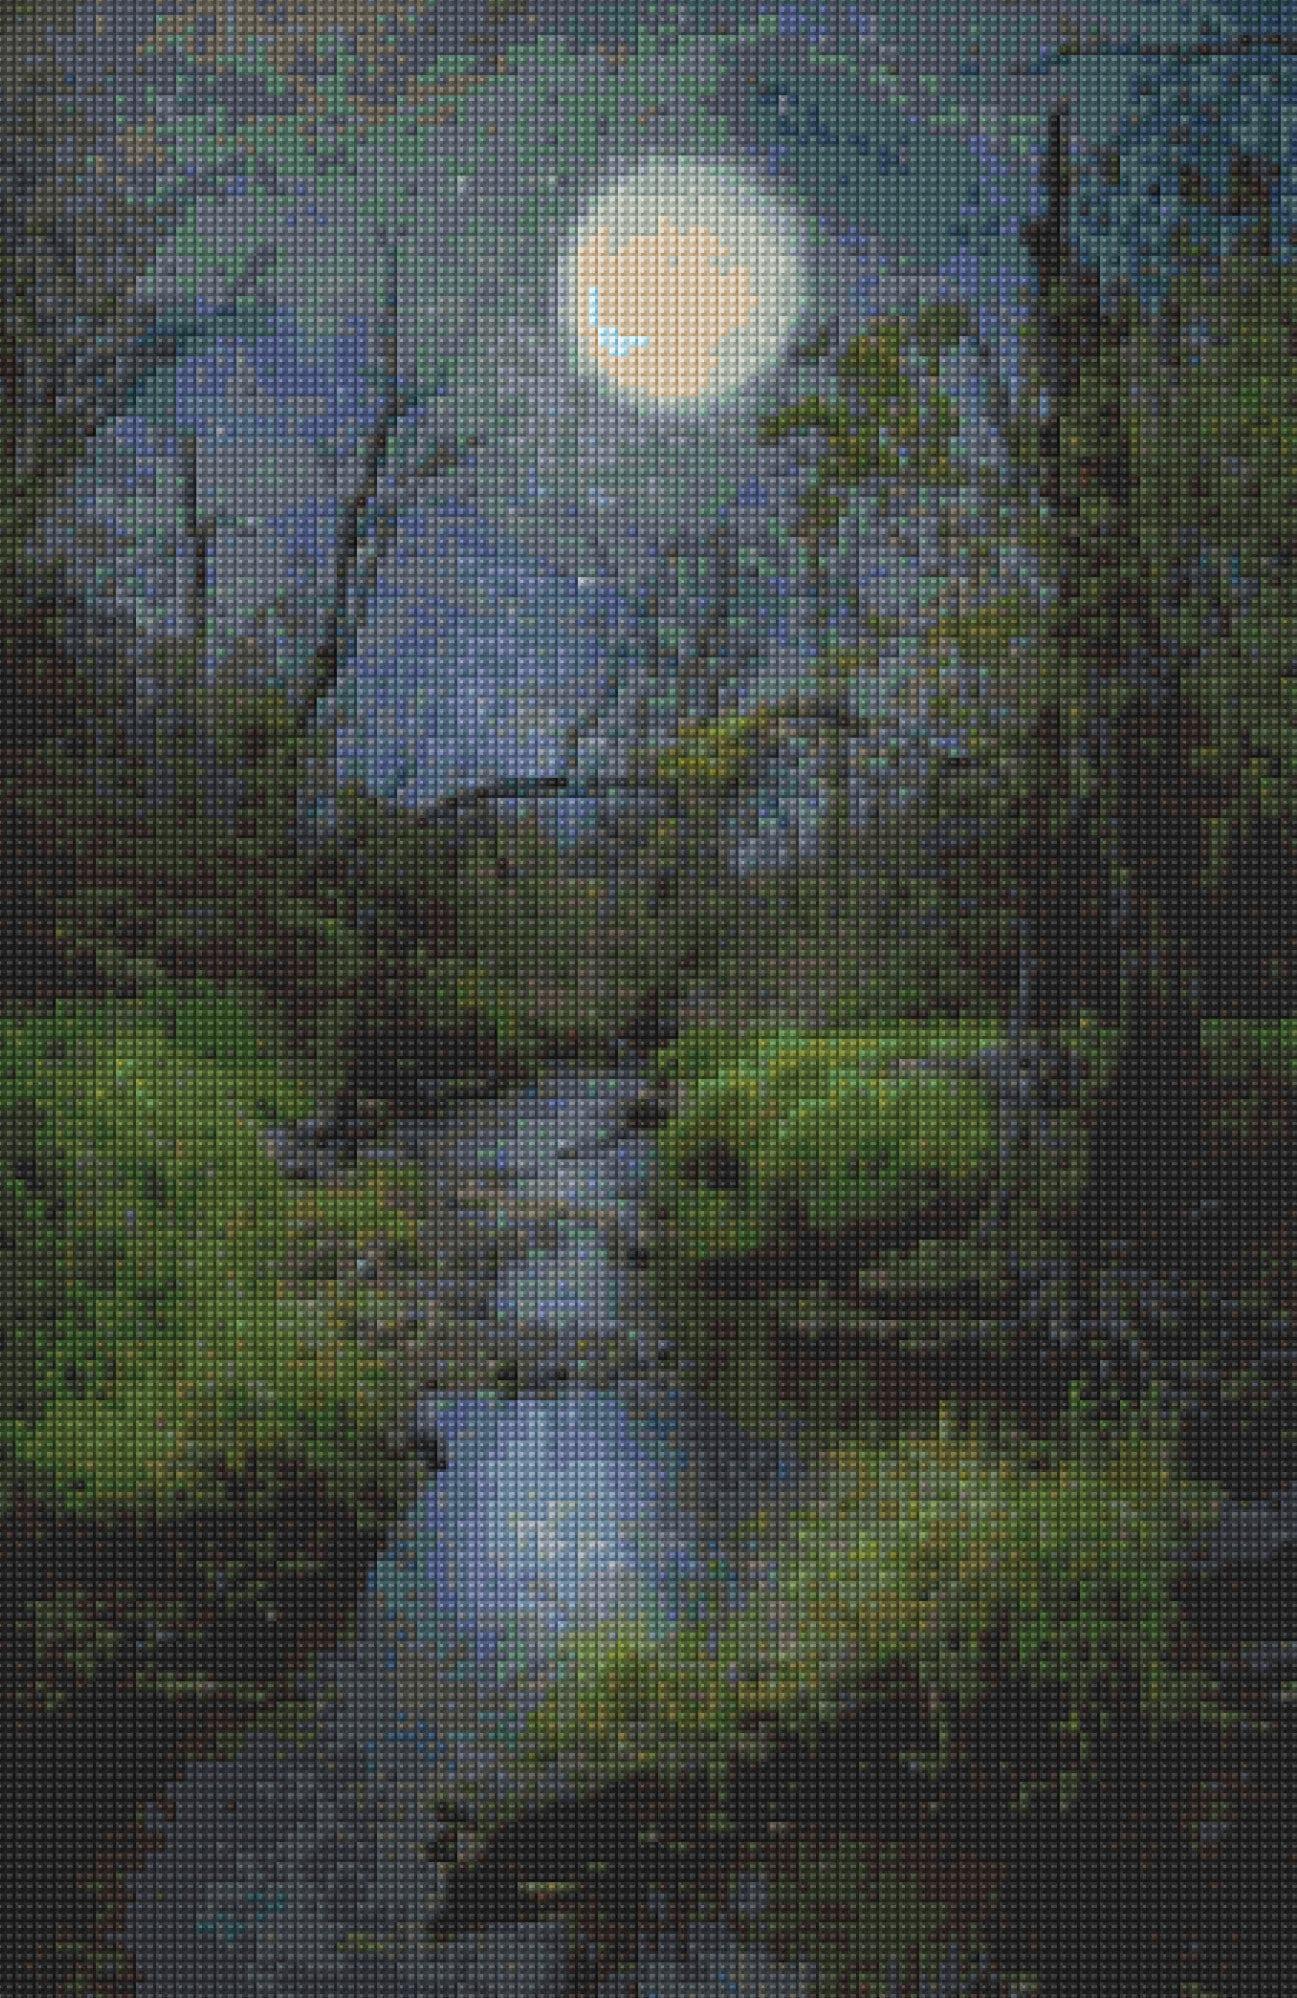 Moonlight Stream